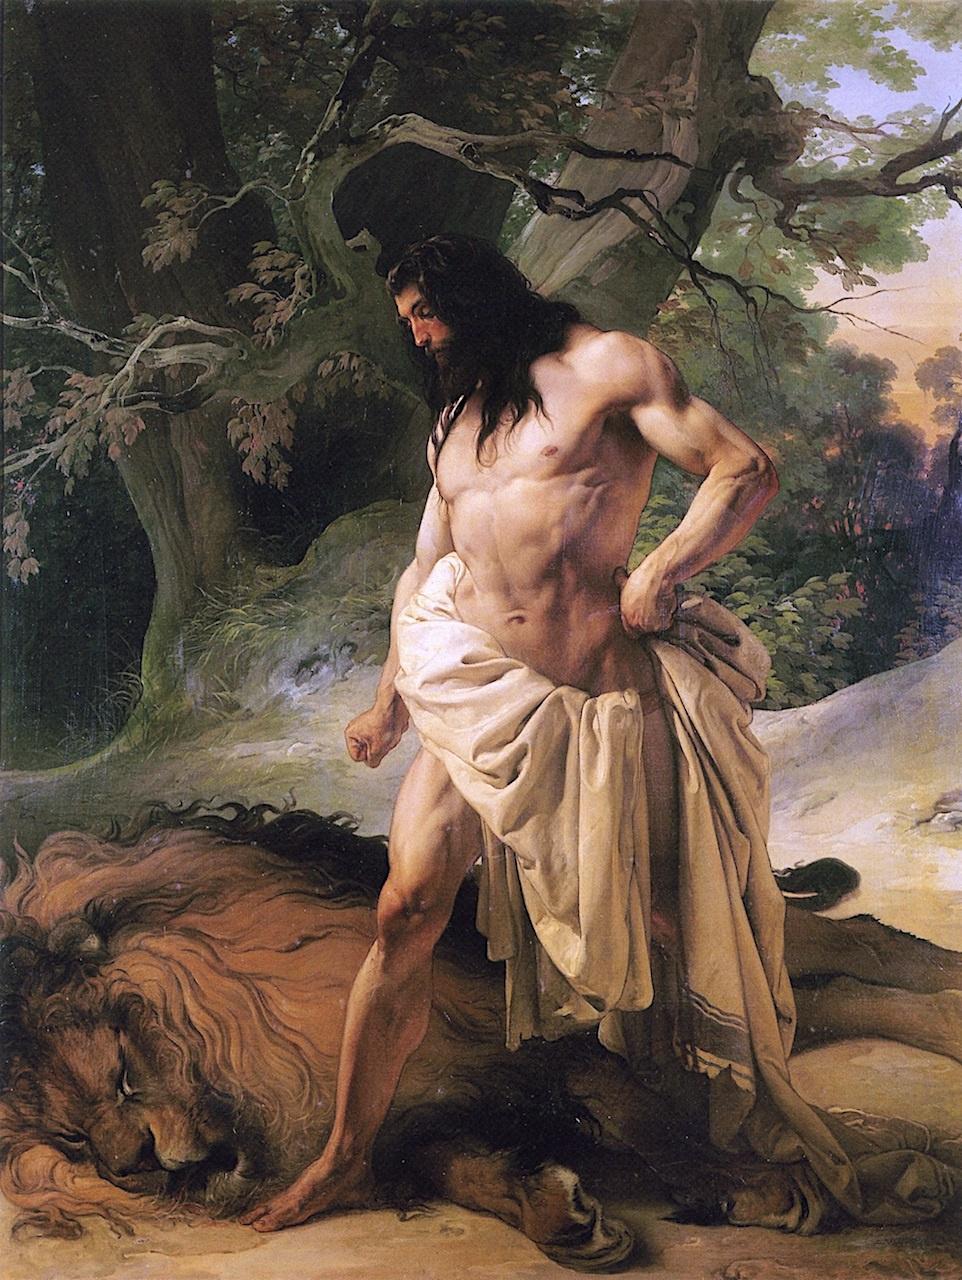 Samson over a slain lion